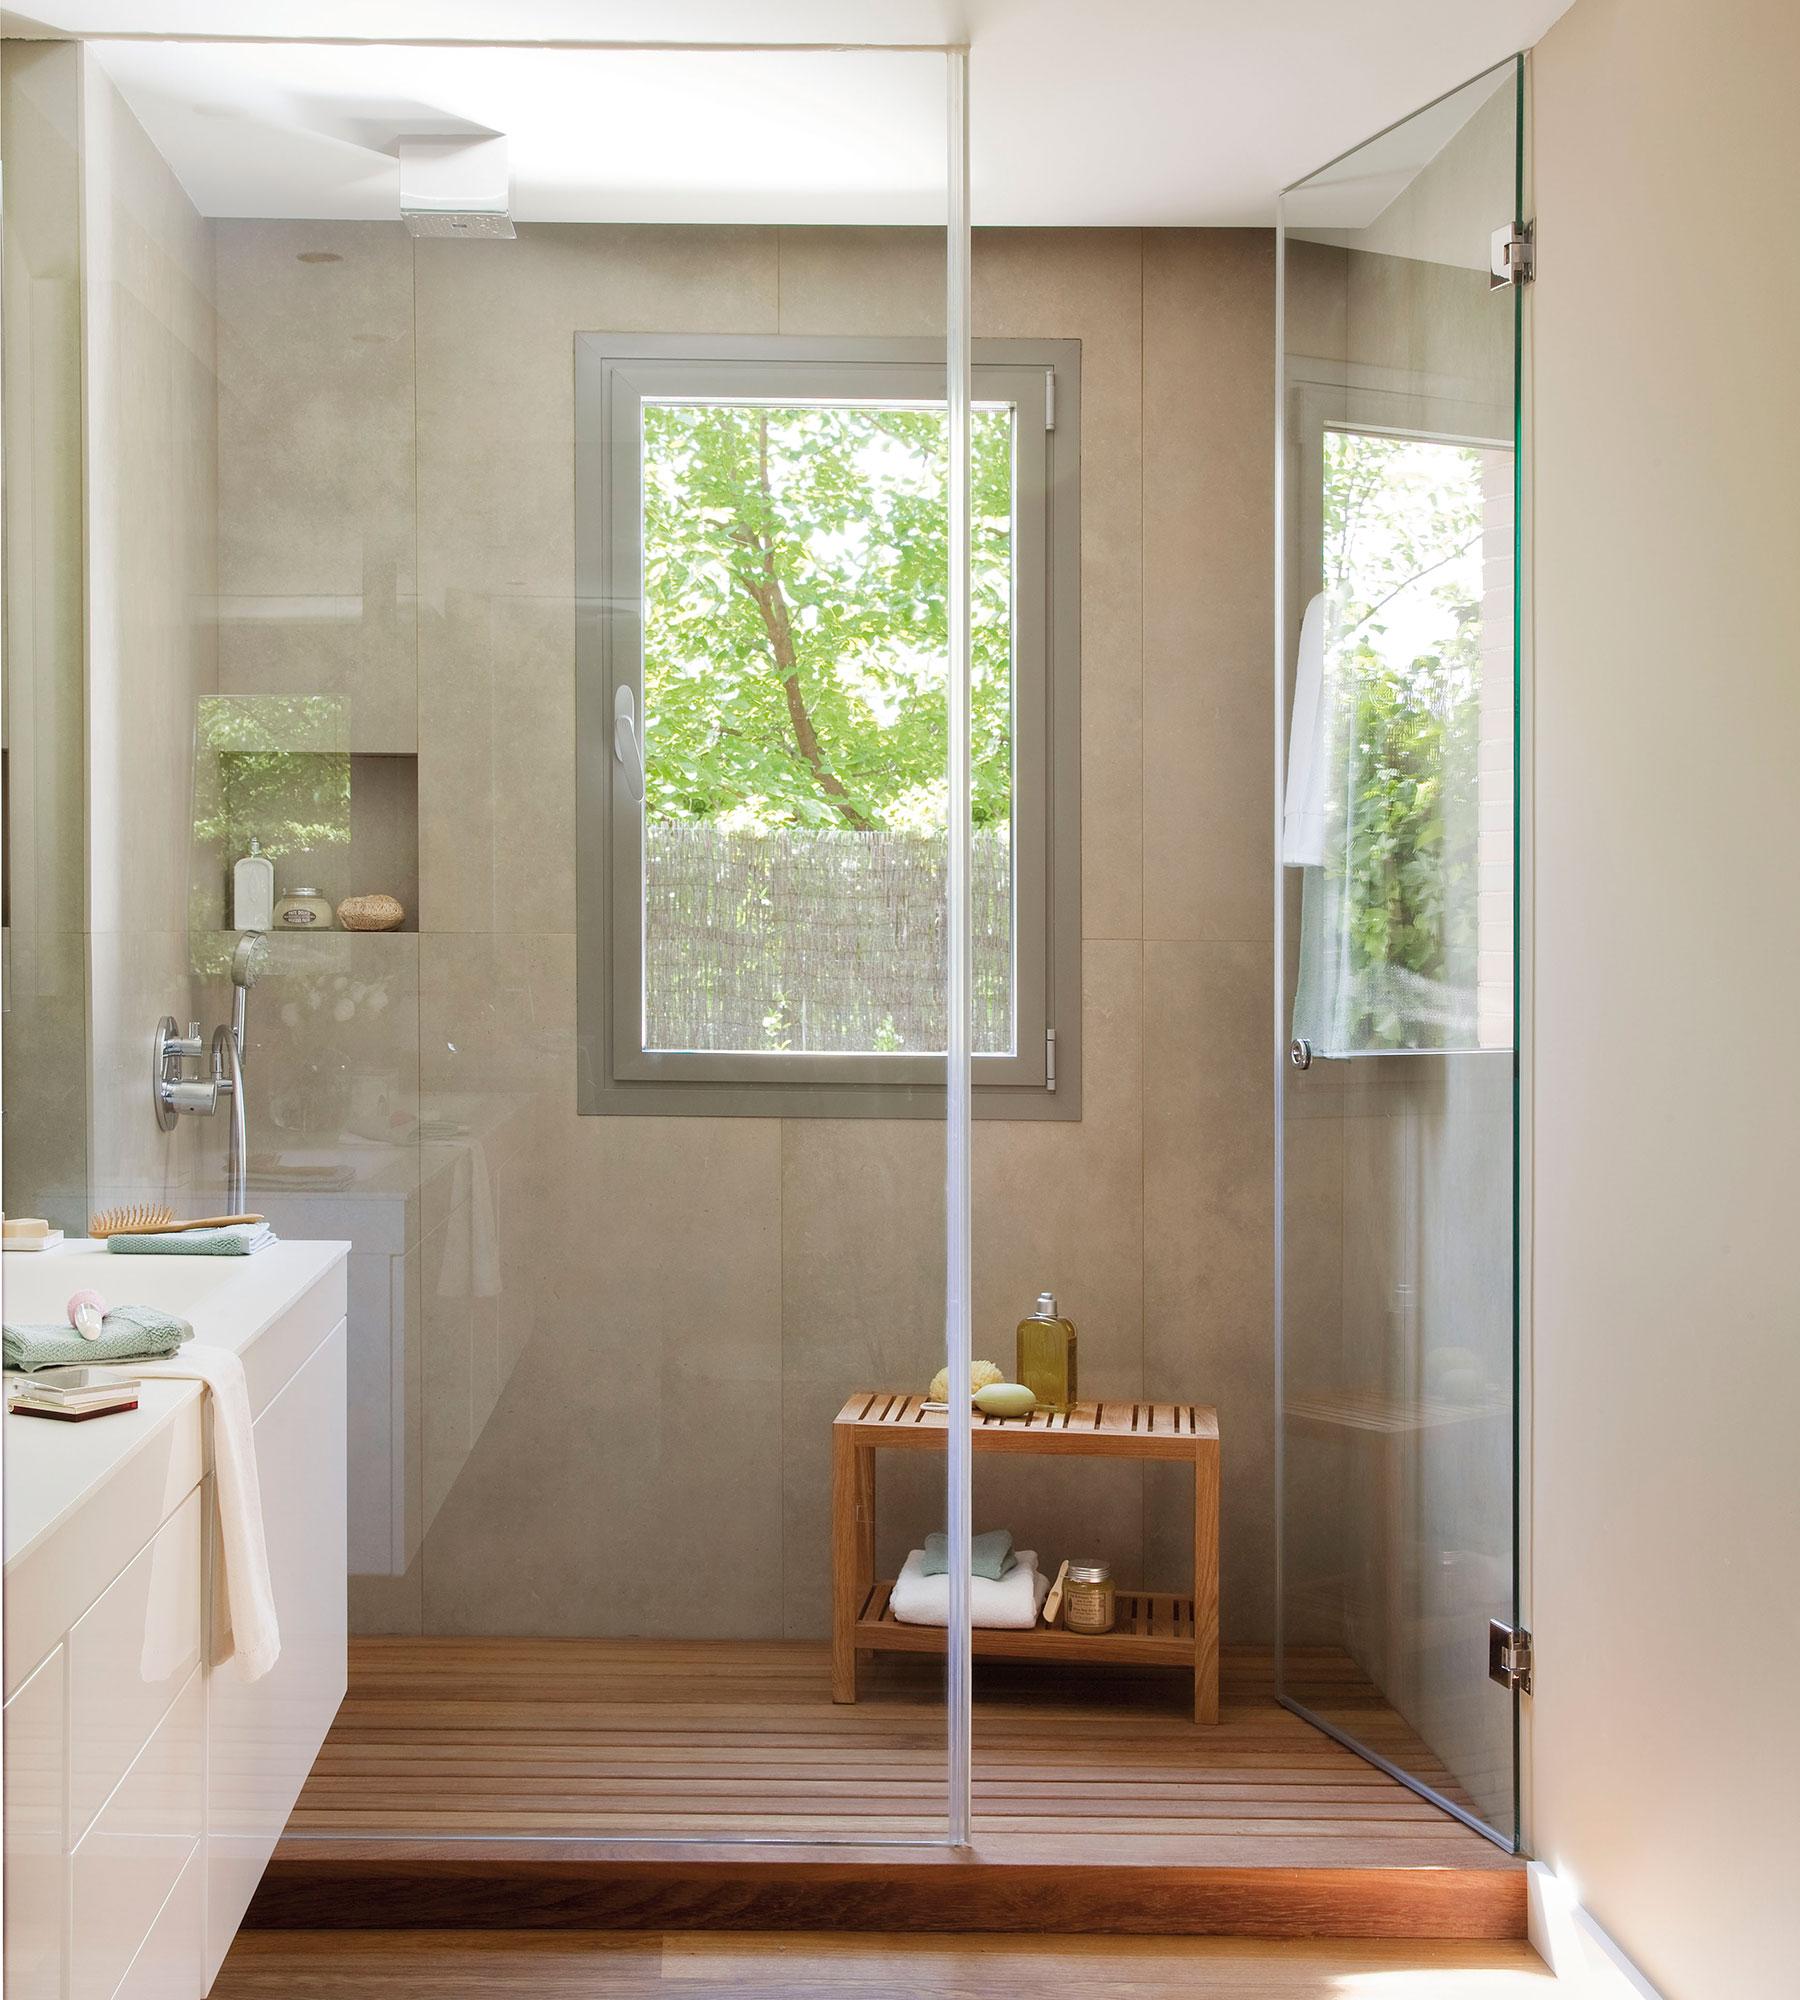 Por qu es mejor instalar un plato de ducha en vez de una ba era - Banos con duchas fotos ...